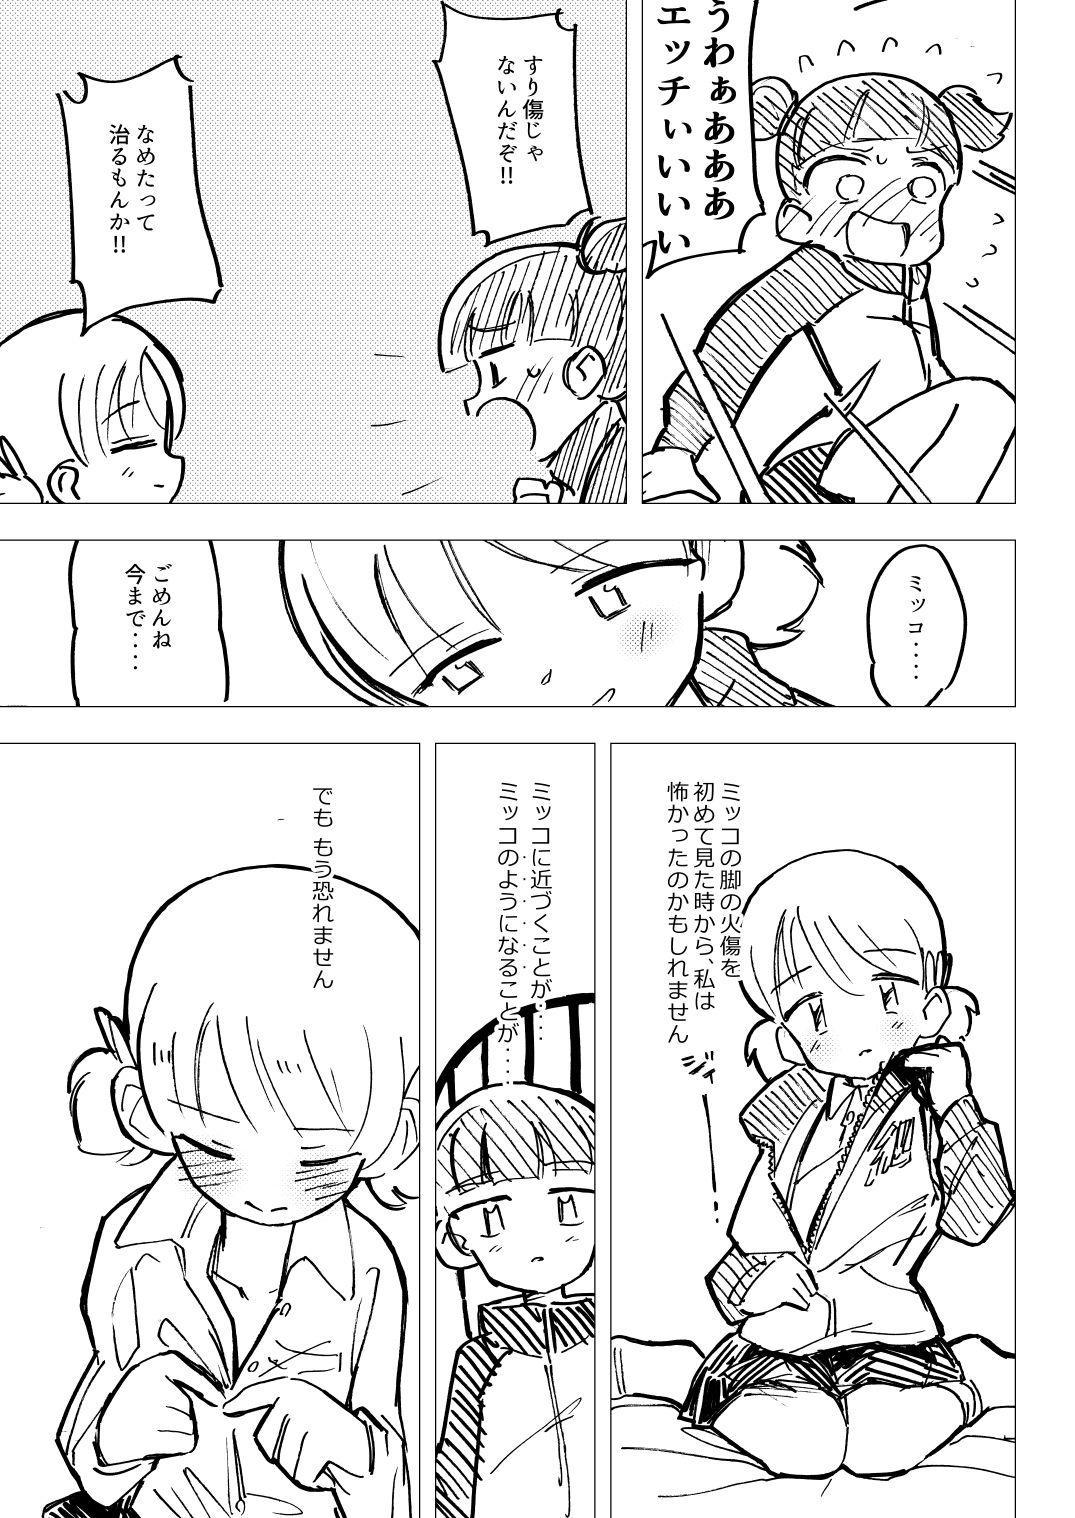 Nee Aki Kocchi Muite + 1 21